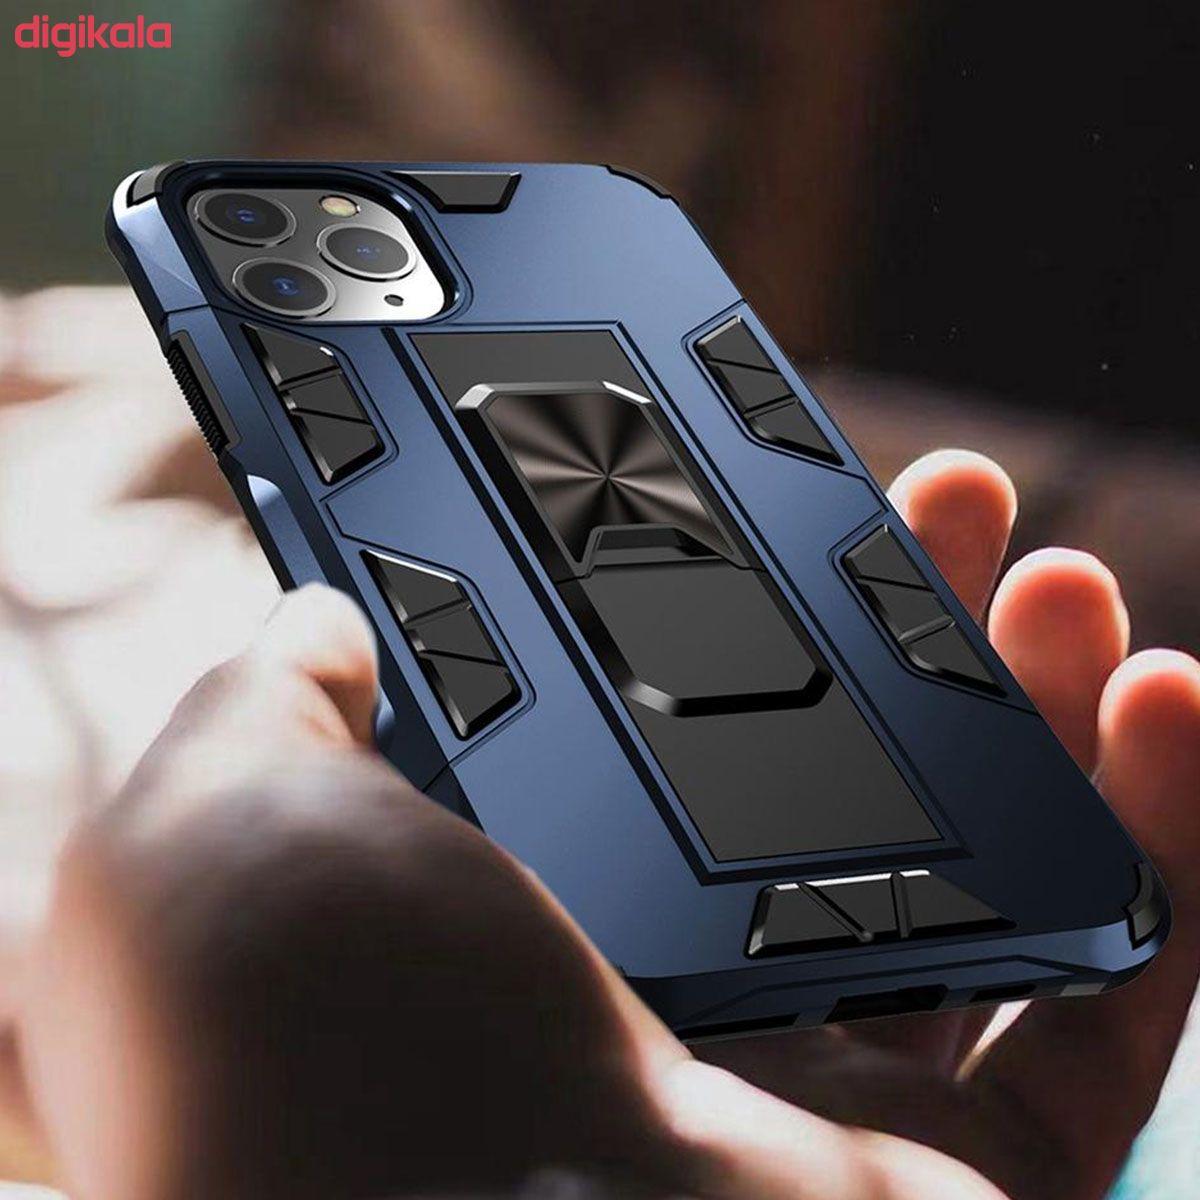 کاور لوکسار مدل Defence90s مناسب برای گوشی موبایل اپل iPhone 11 Pro main 1 7